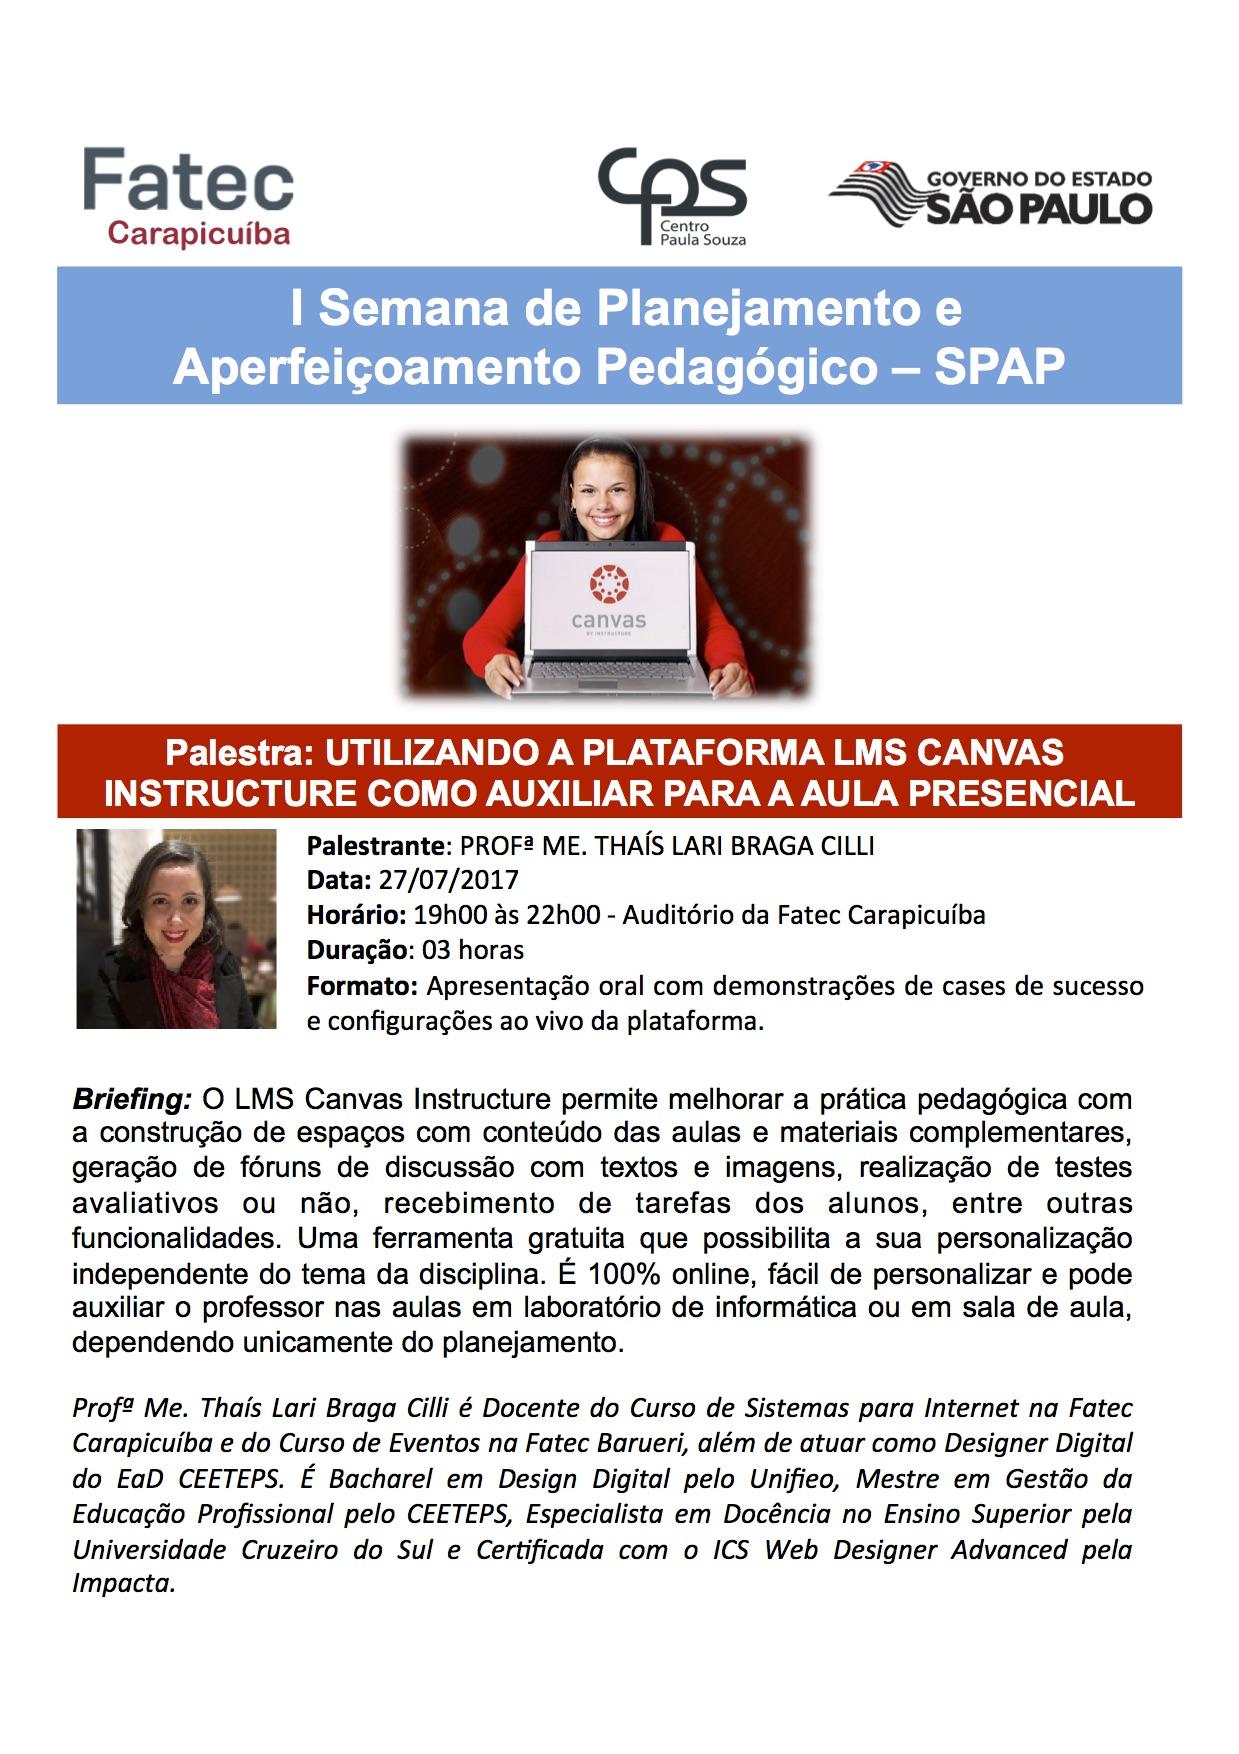 I SEMANA DE PLANEJAMENTO E APERFEICOAMENTO PEDAGOGICO_CANVAS PALESTRA.ppt